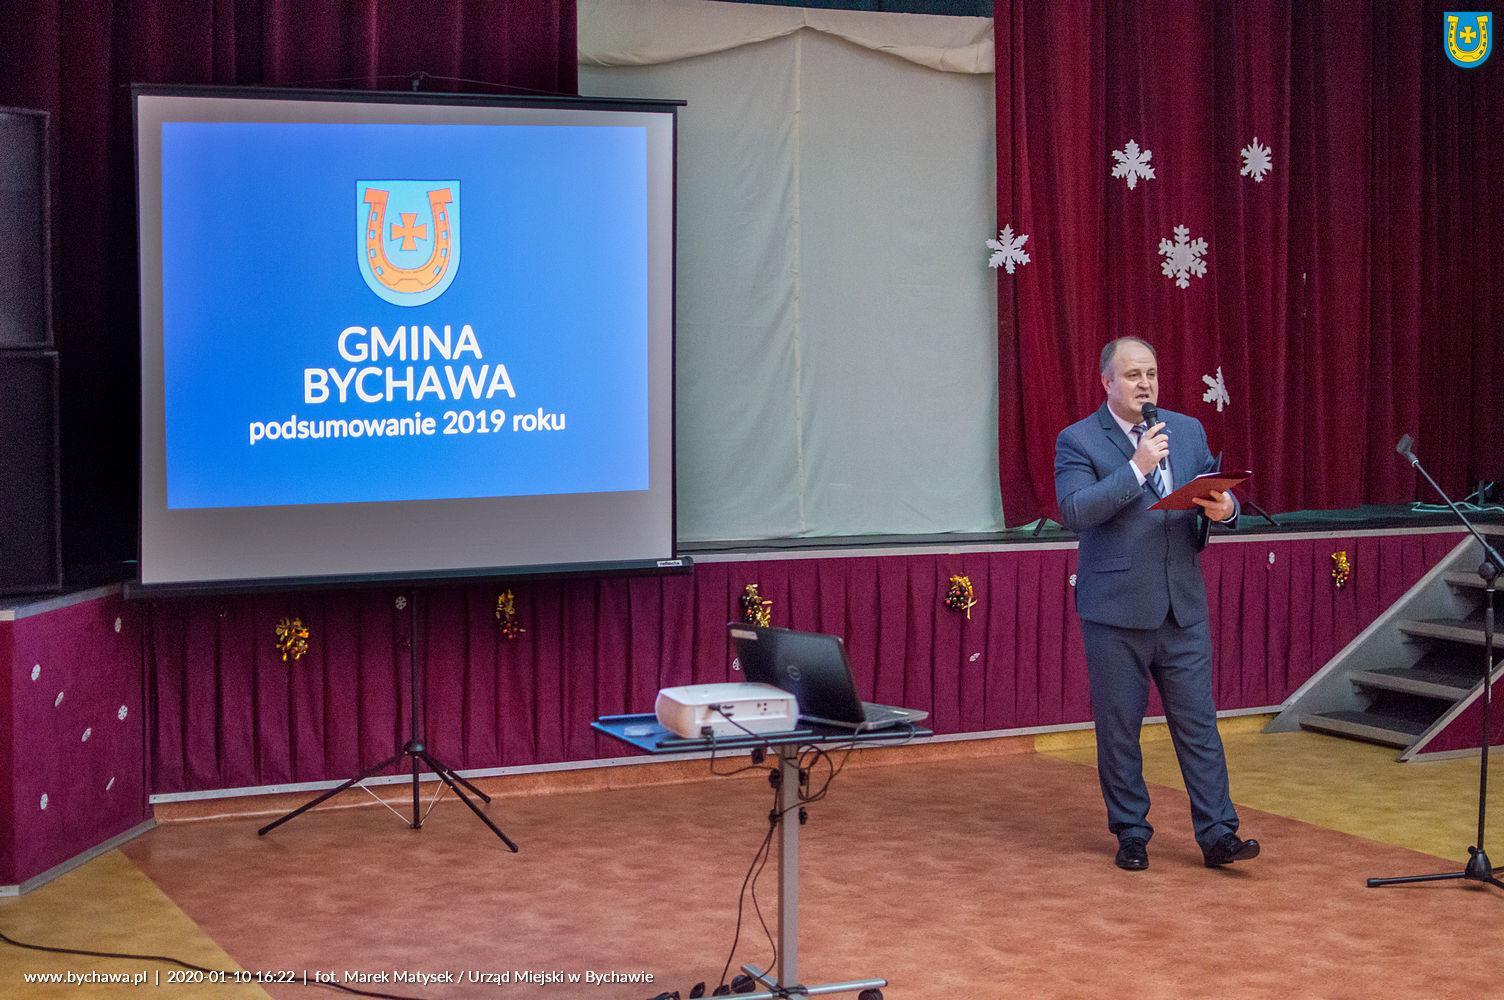 Inwestycje i wydarzenia 2019 roku w Gminie Bychawa – podsumowanie